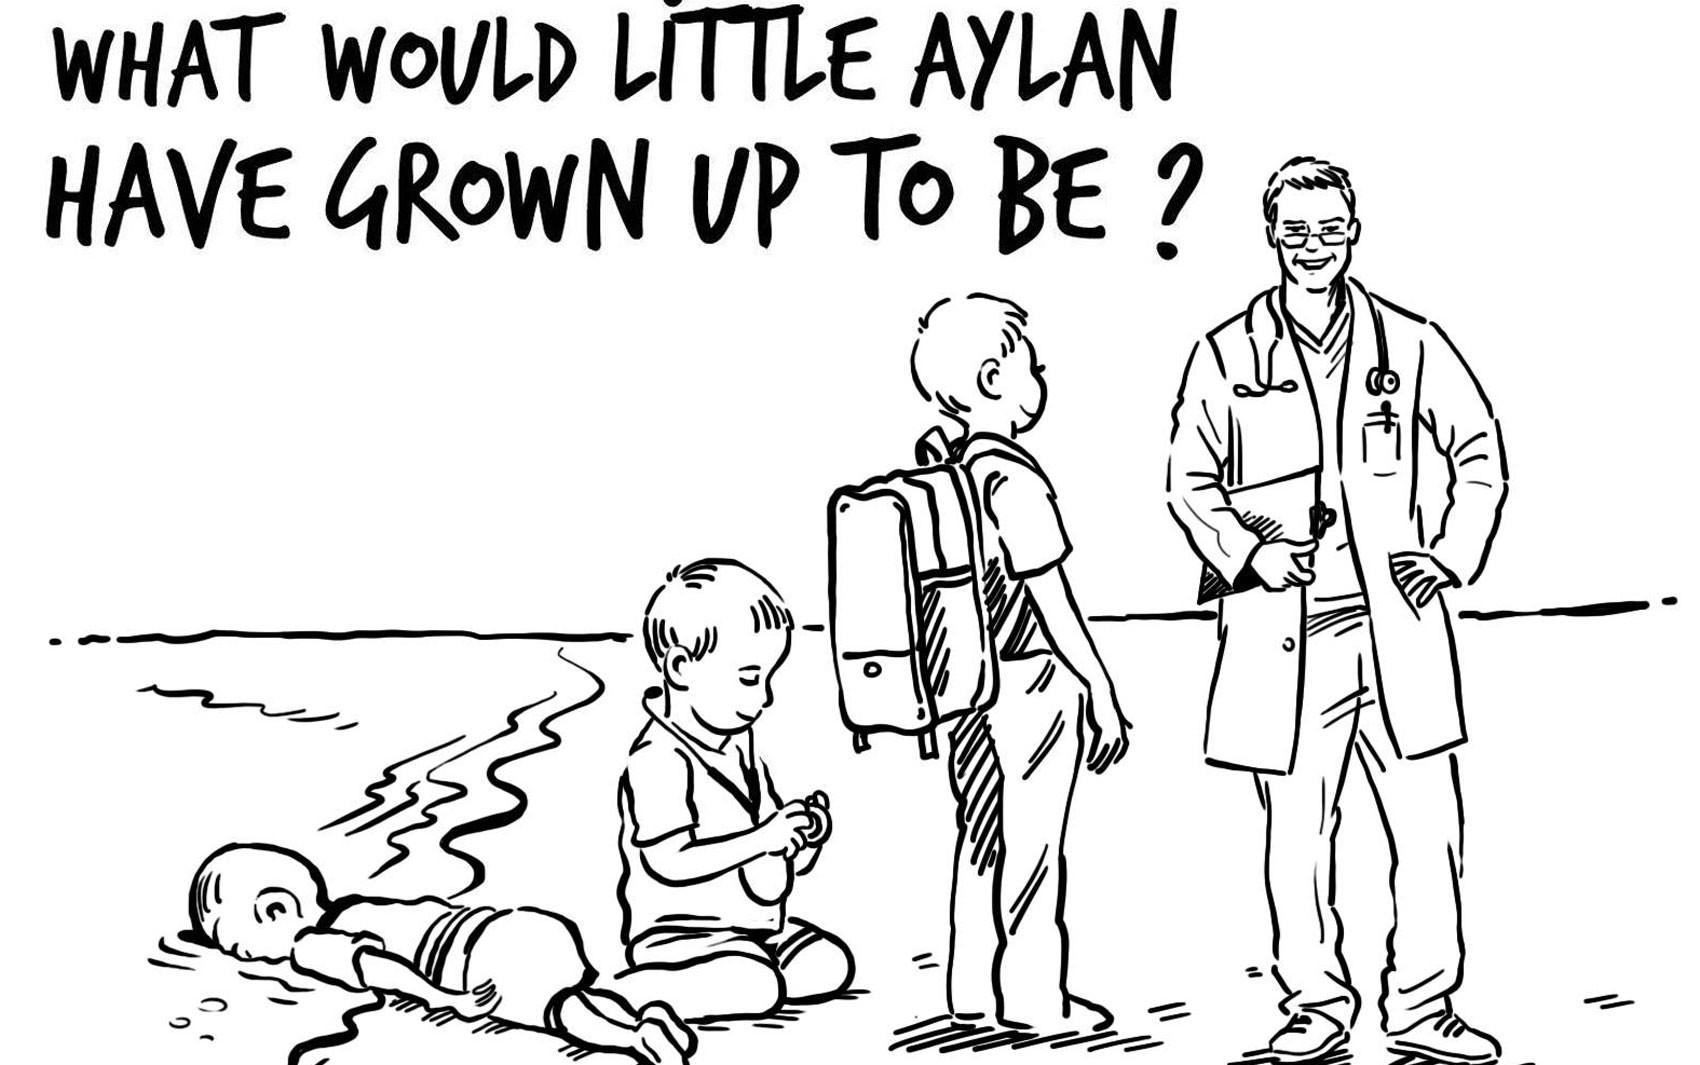 Desenho publicado pela rainha Rania, da Jordânia, questiona o que o menino Aylan poderia ser quando crescesse (Foto: Reprodução/Facebook/Queen Rania)